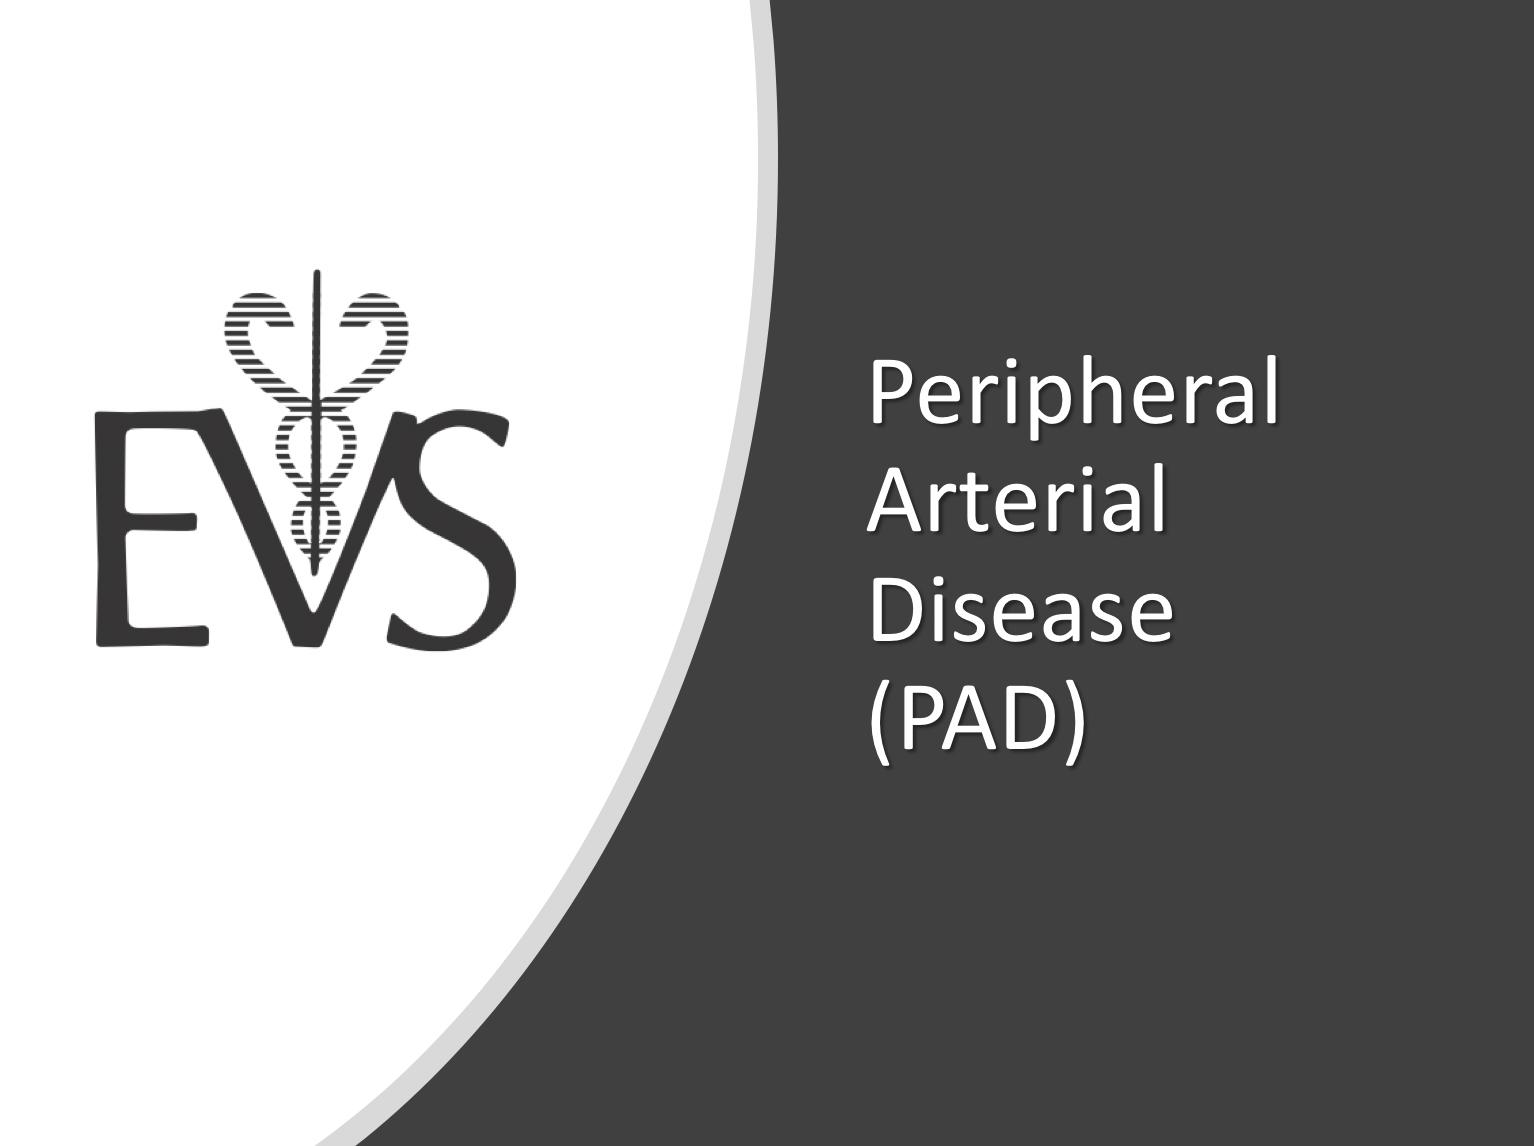 Pheripheral Arterial Disease PAD image